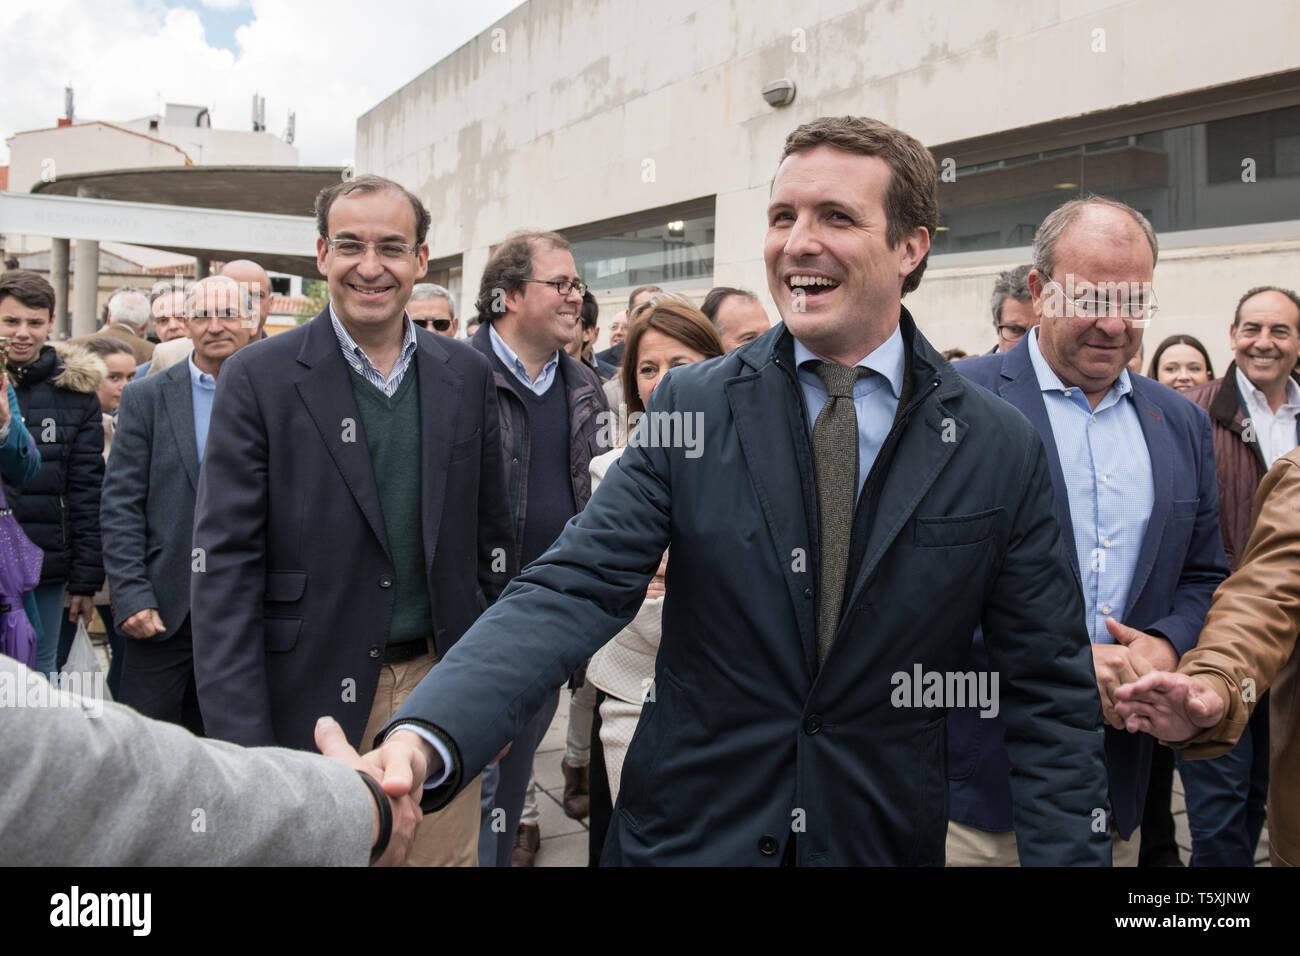 Arrivo e saluti da Pablo Casado leader del conservatore partito popolare in Caceres, Spagna Immagini Stock